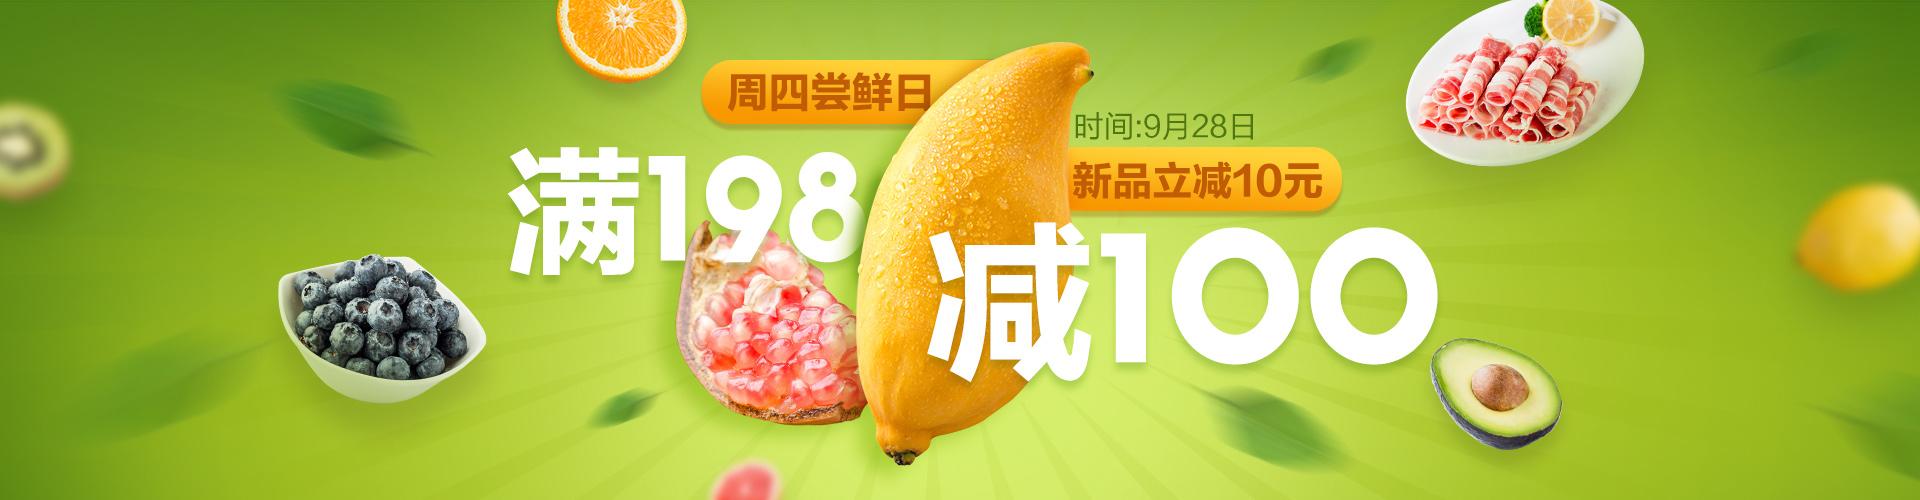 [苏宁易购]中秋好礼领满399-120 - Luck4ever.Net